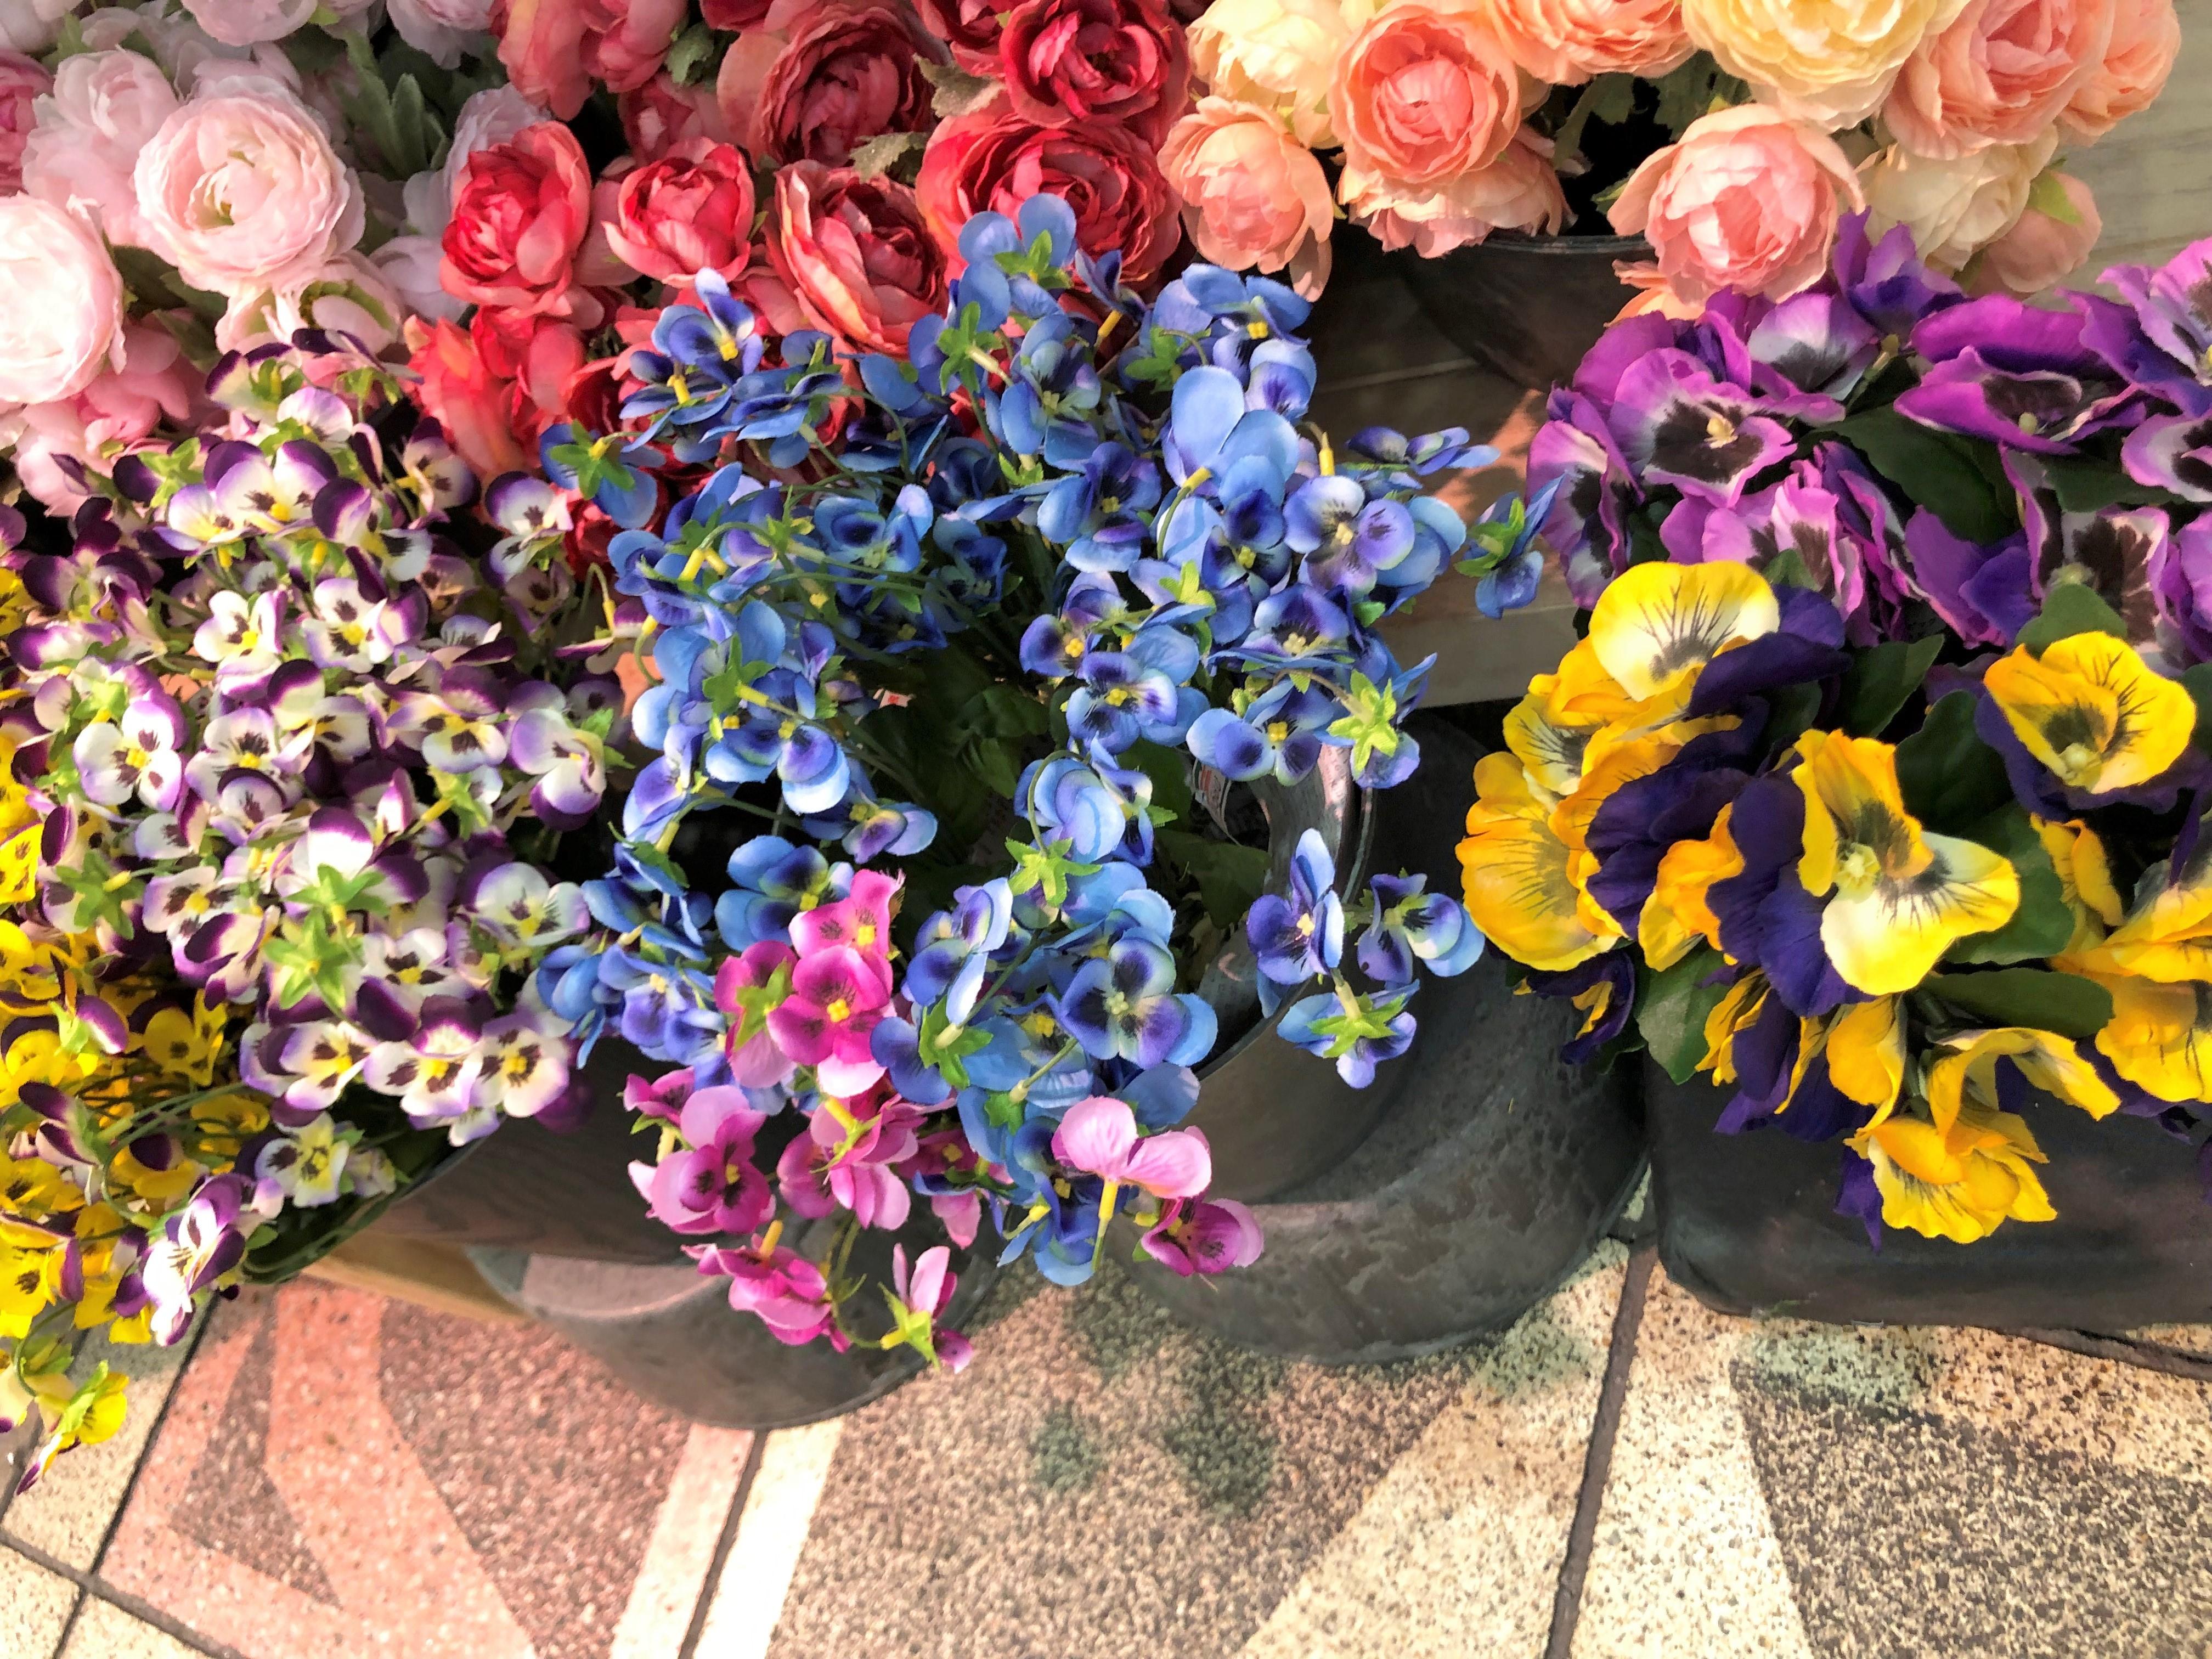 https://flower-saera.com/news/IMG_5179.JPG